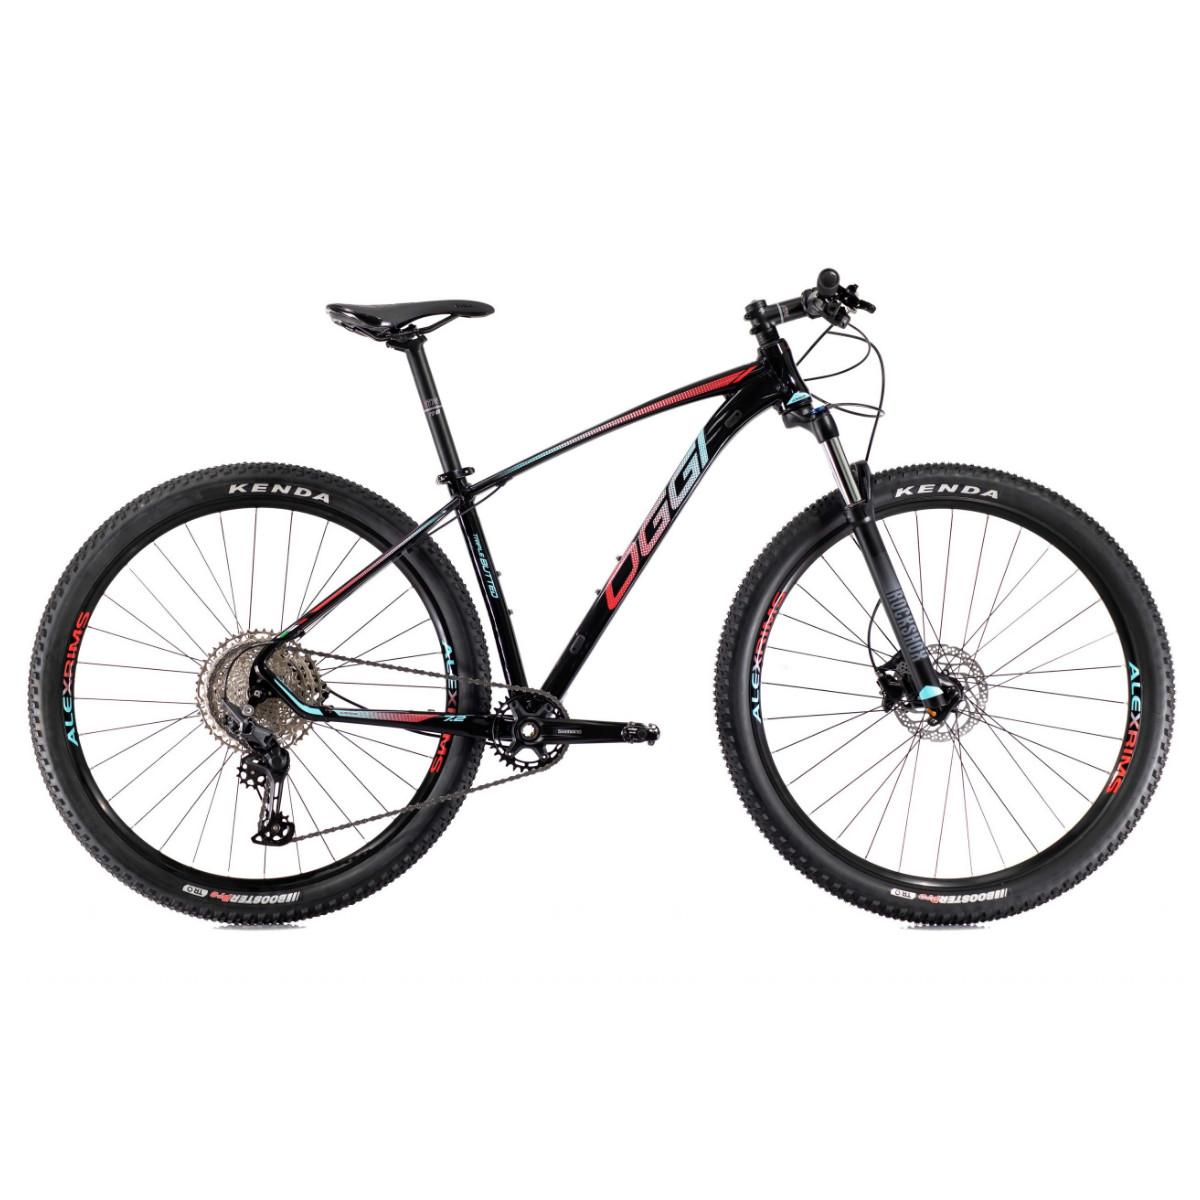 Bicicleta Mtb Oggi 7.2 Deore 11V Aro 29 2021 - Preto Azul e Vermelho